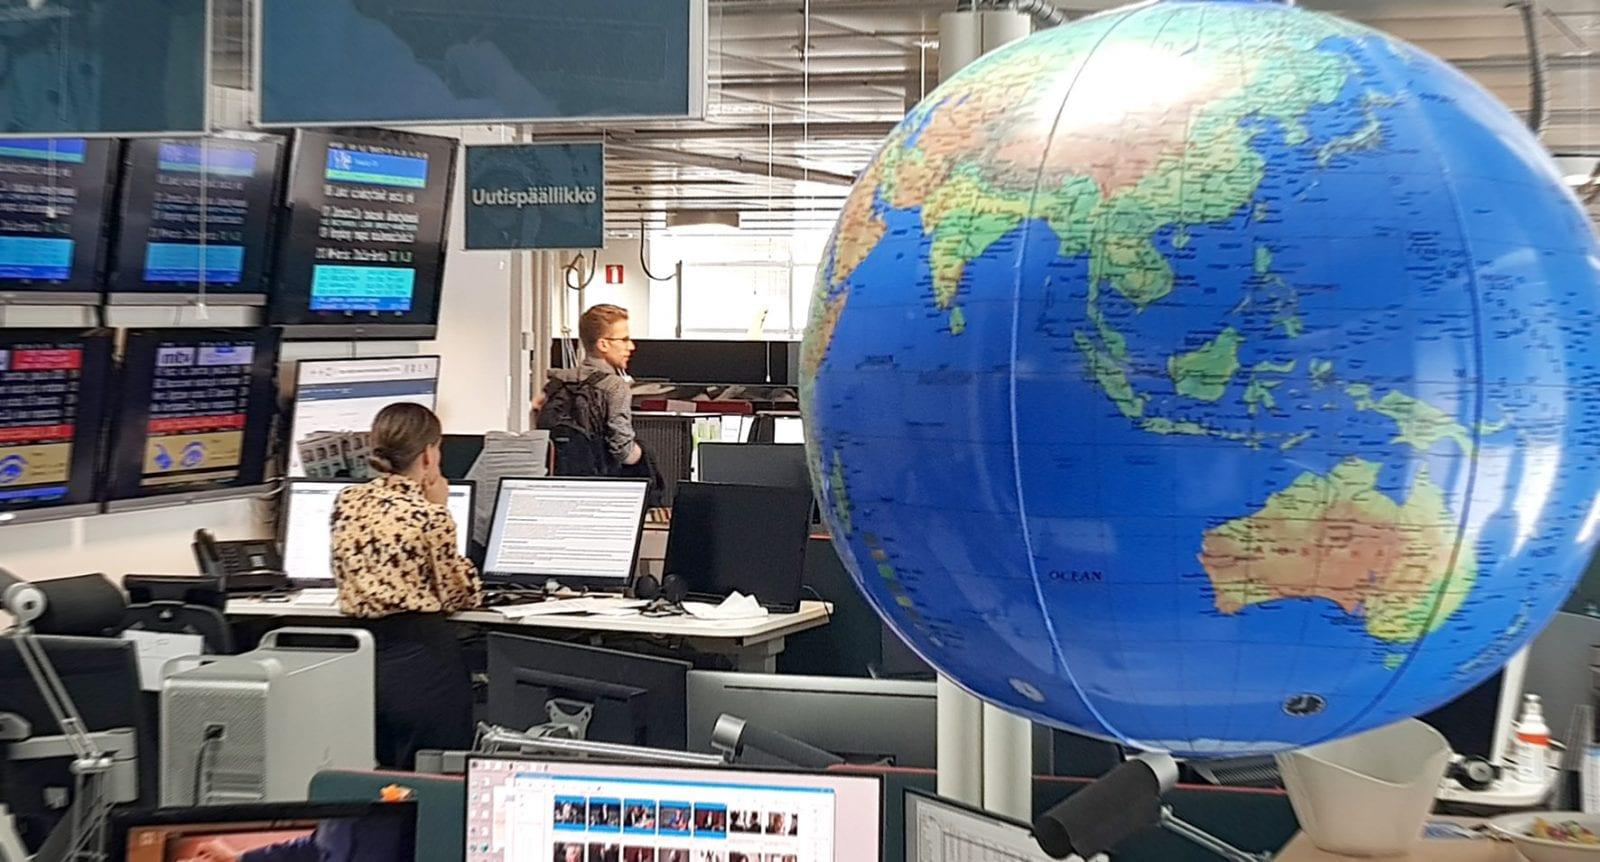 STT:n uutistoimitus Ruoholahdessa, etualalla karttapallo ja Australia.